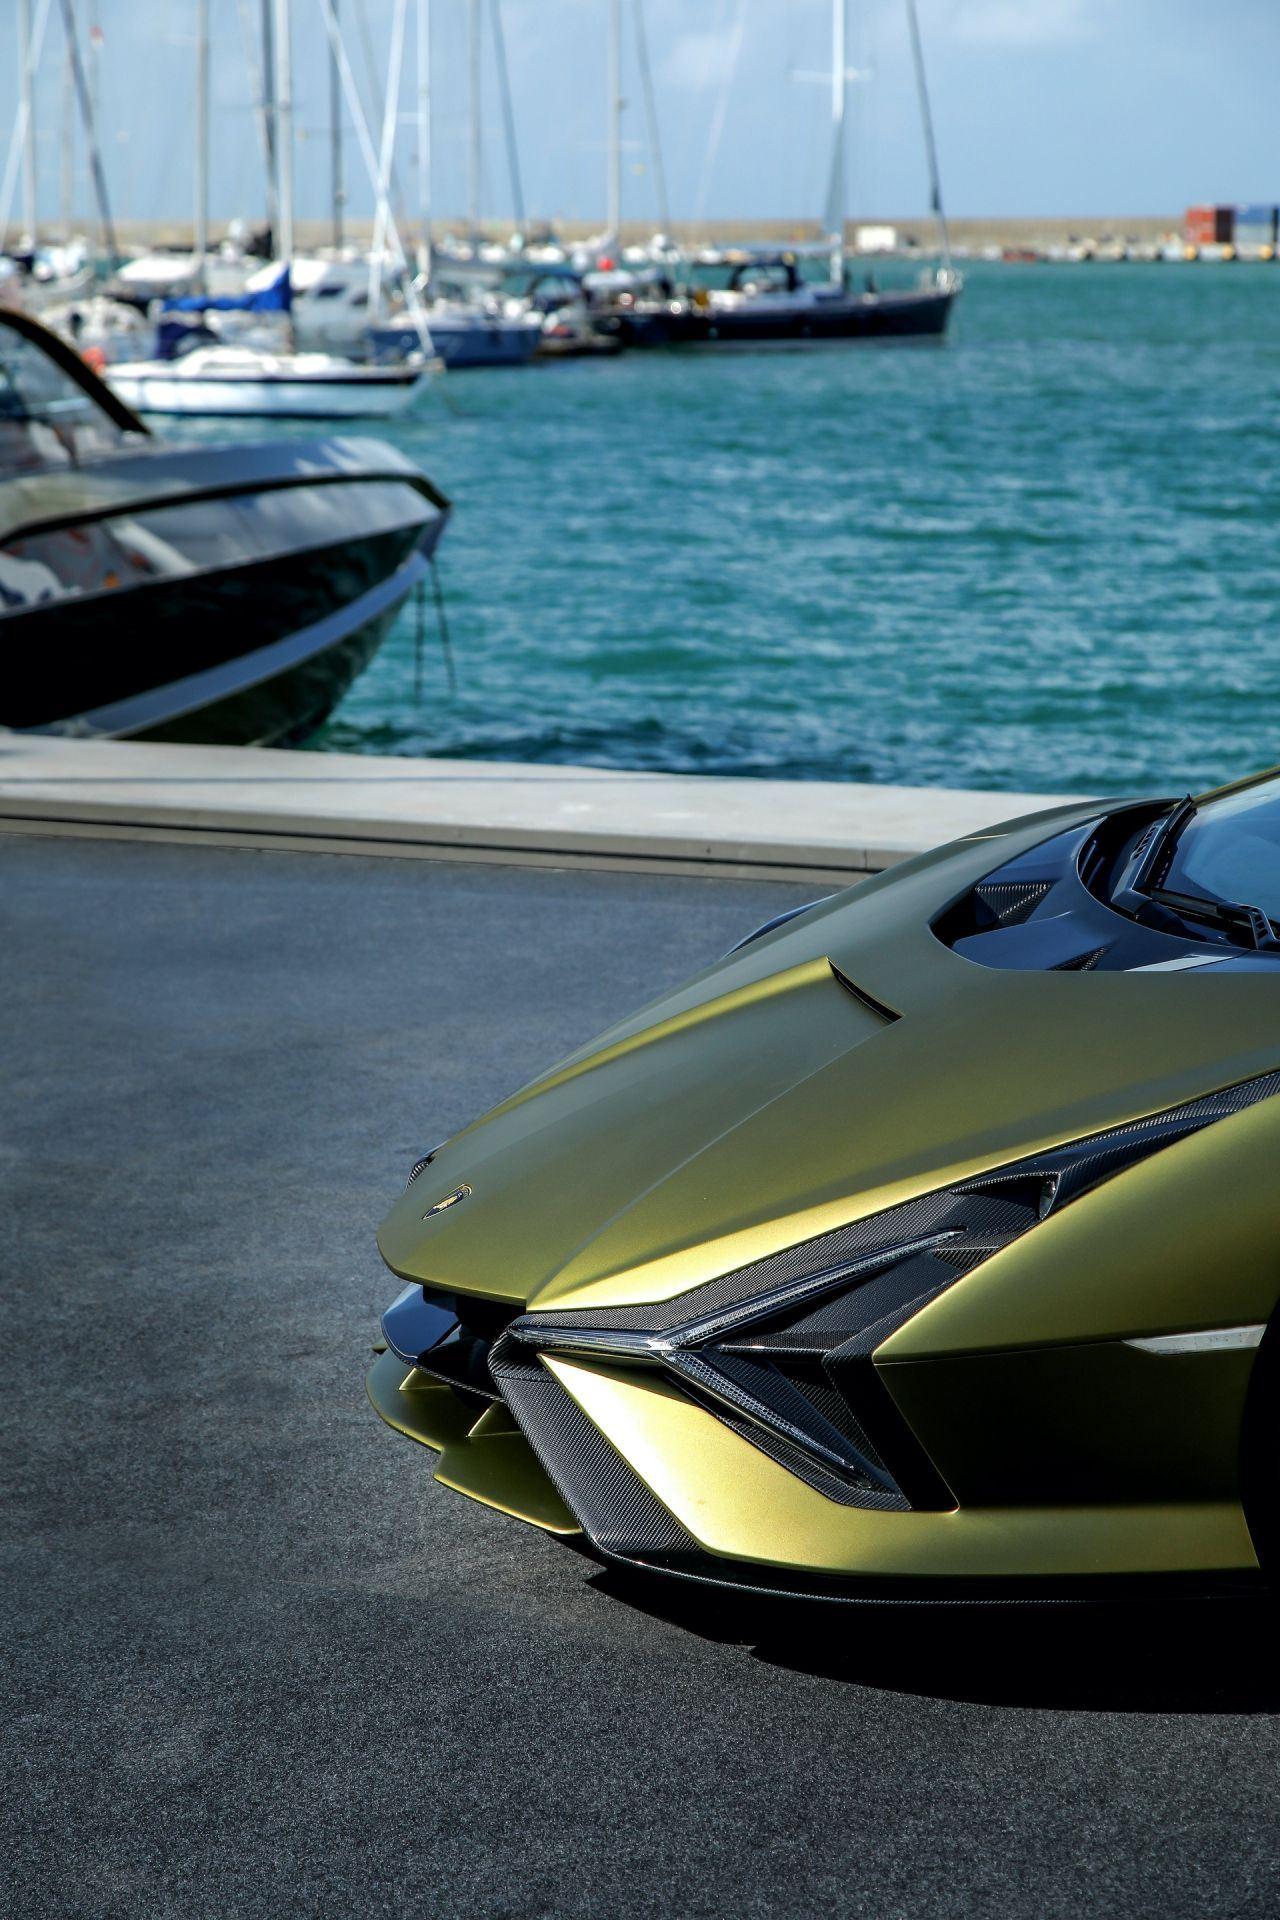 Tecnomar-Lamborghini-63-Yacht-27